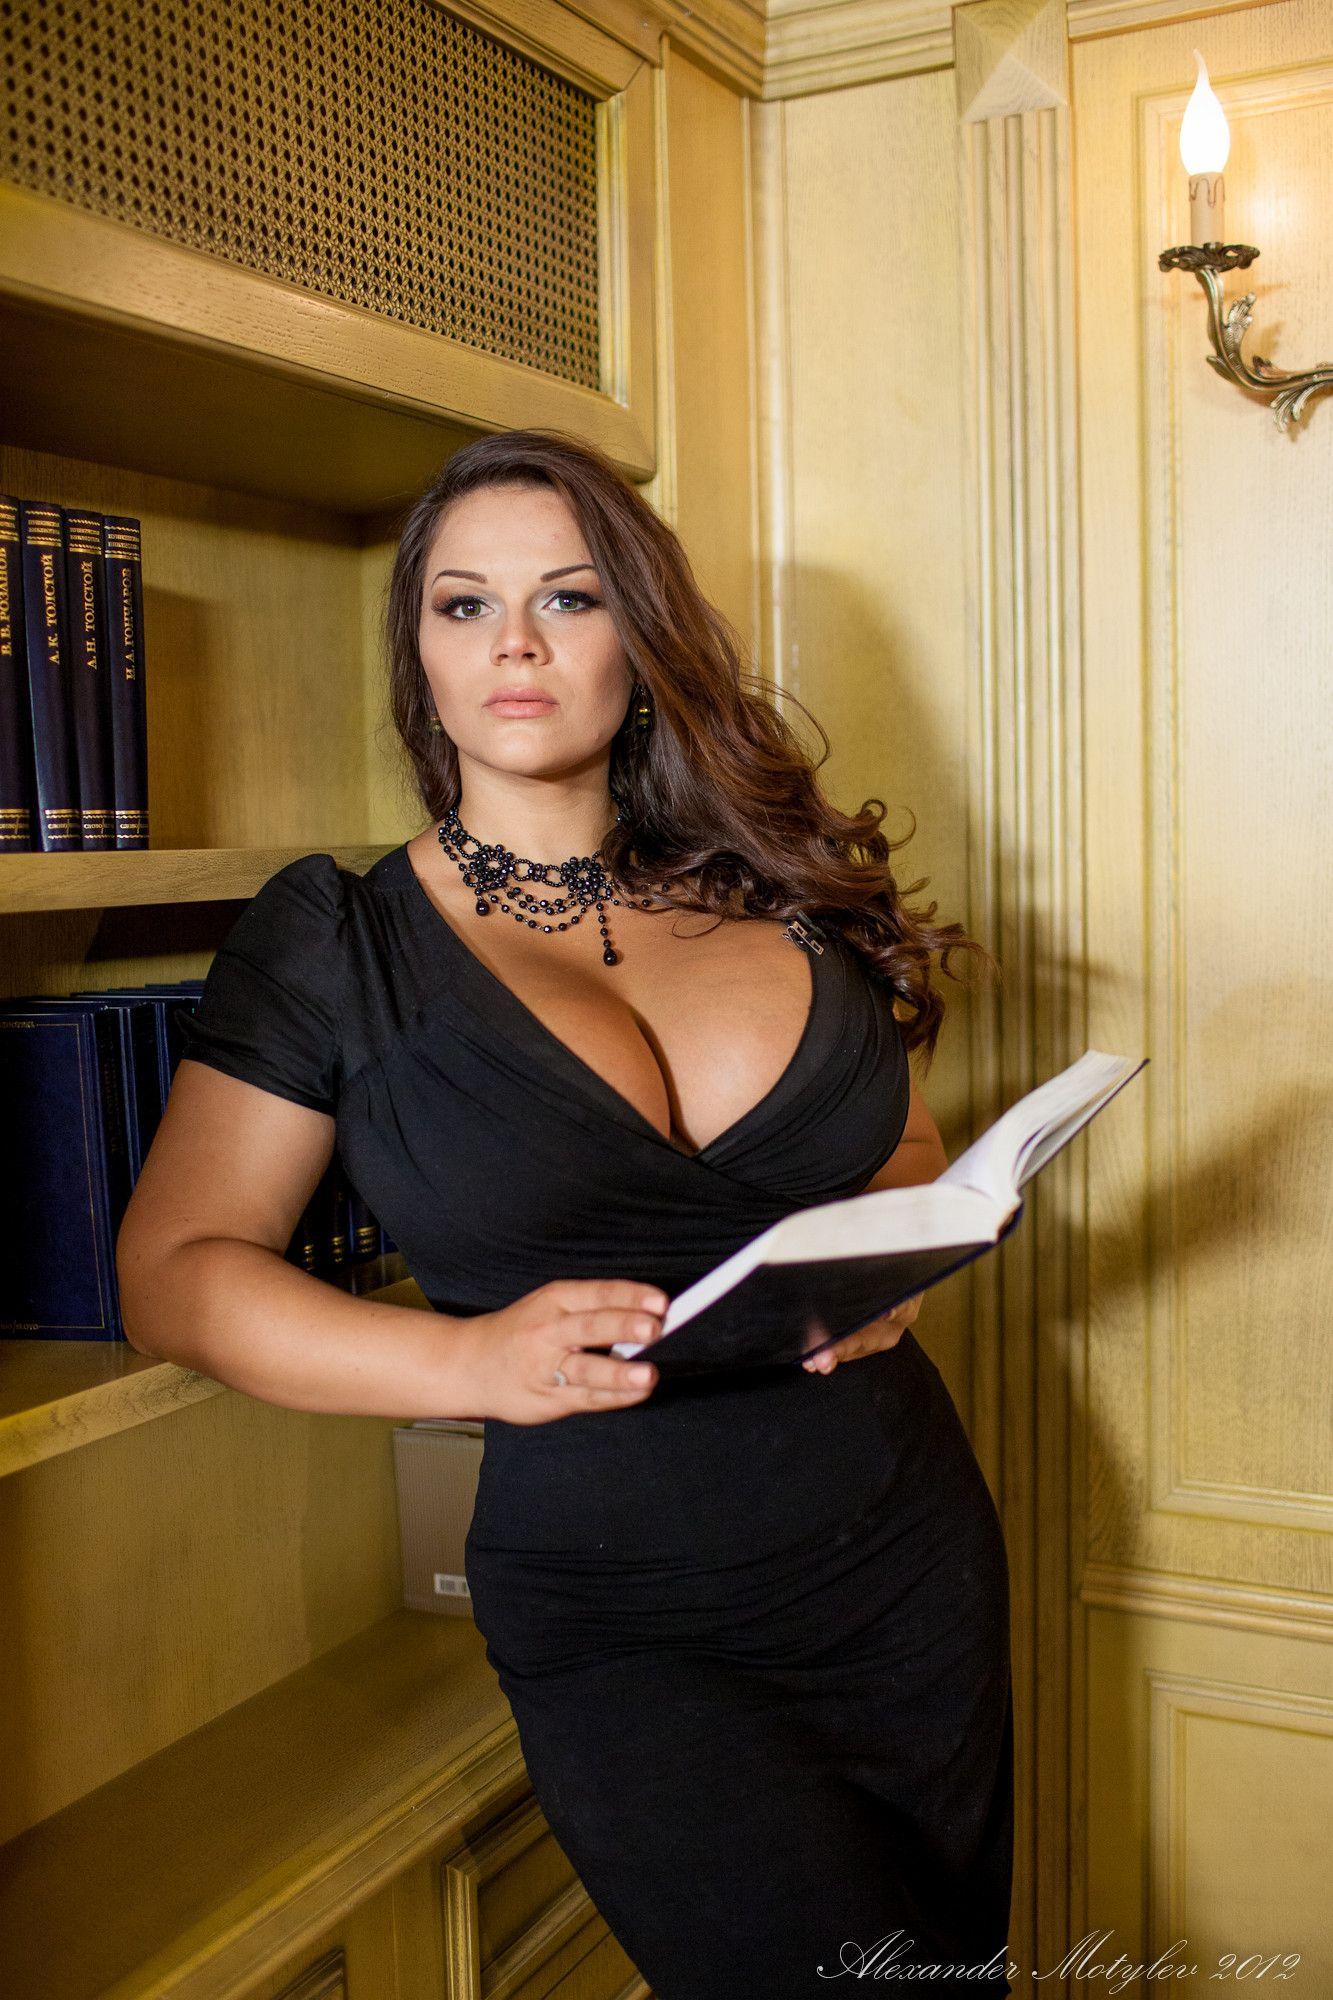 Российские молоденькие порно актрисы фото 7 фотография